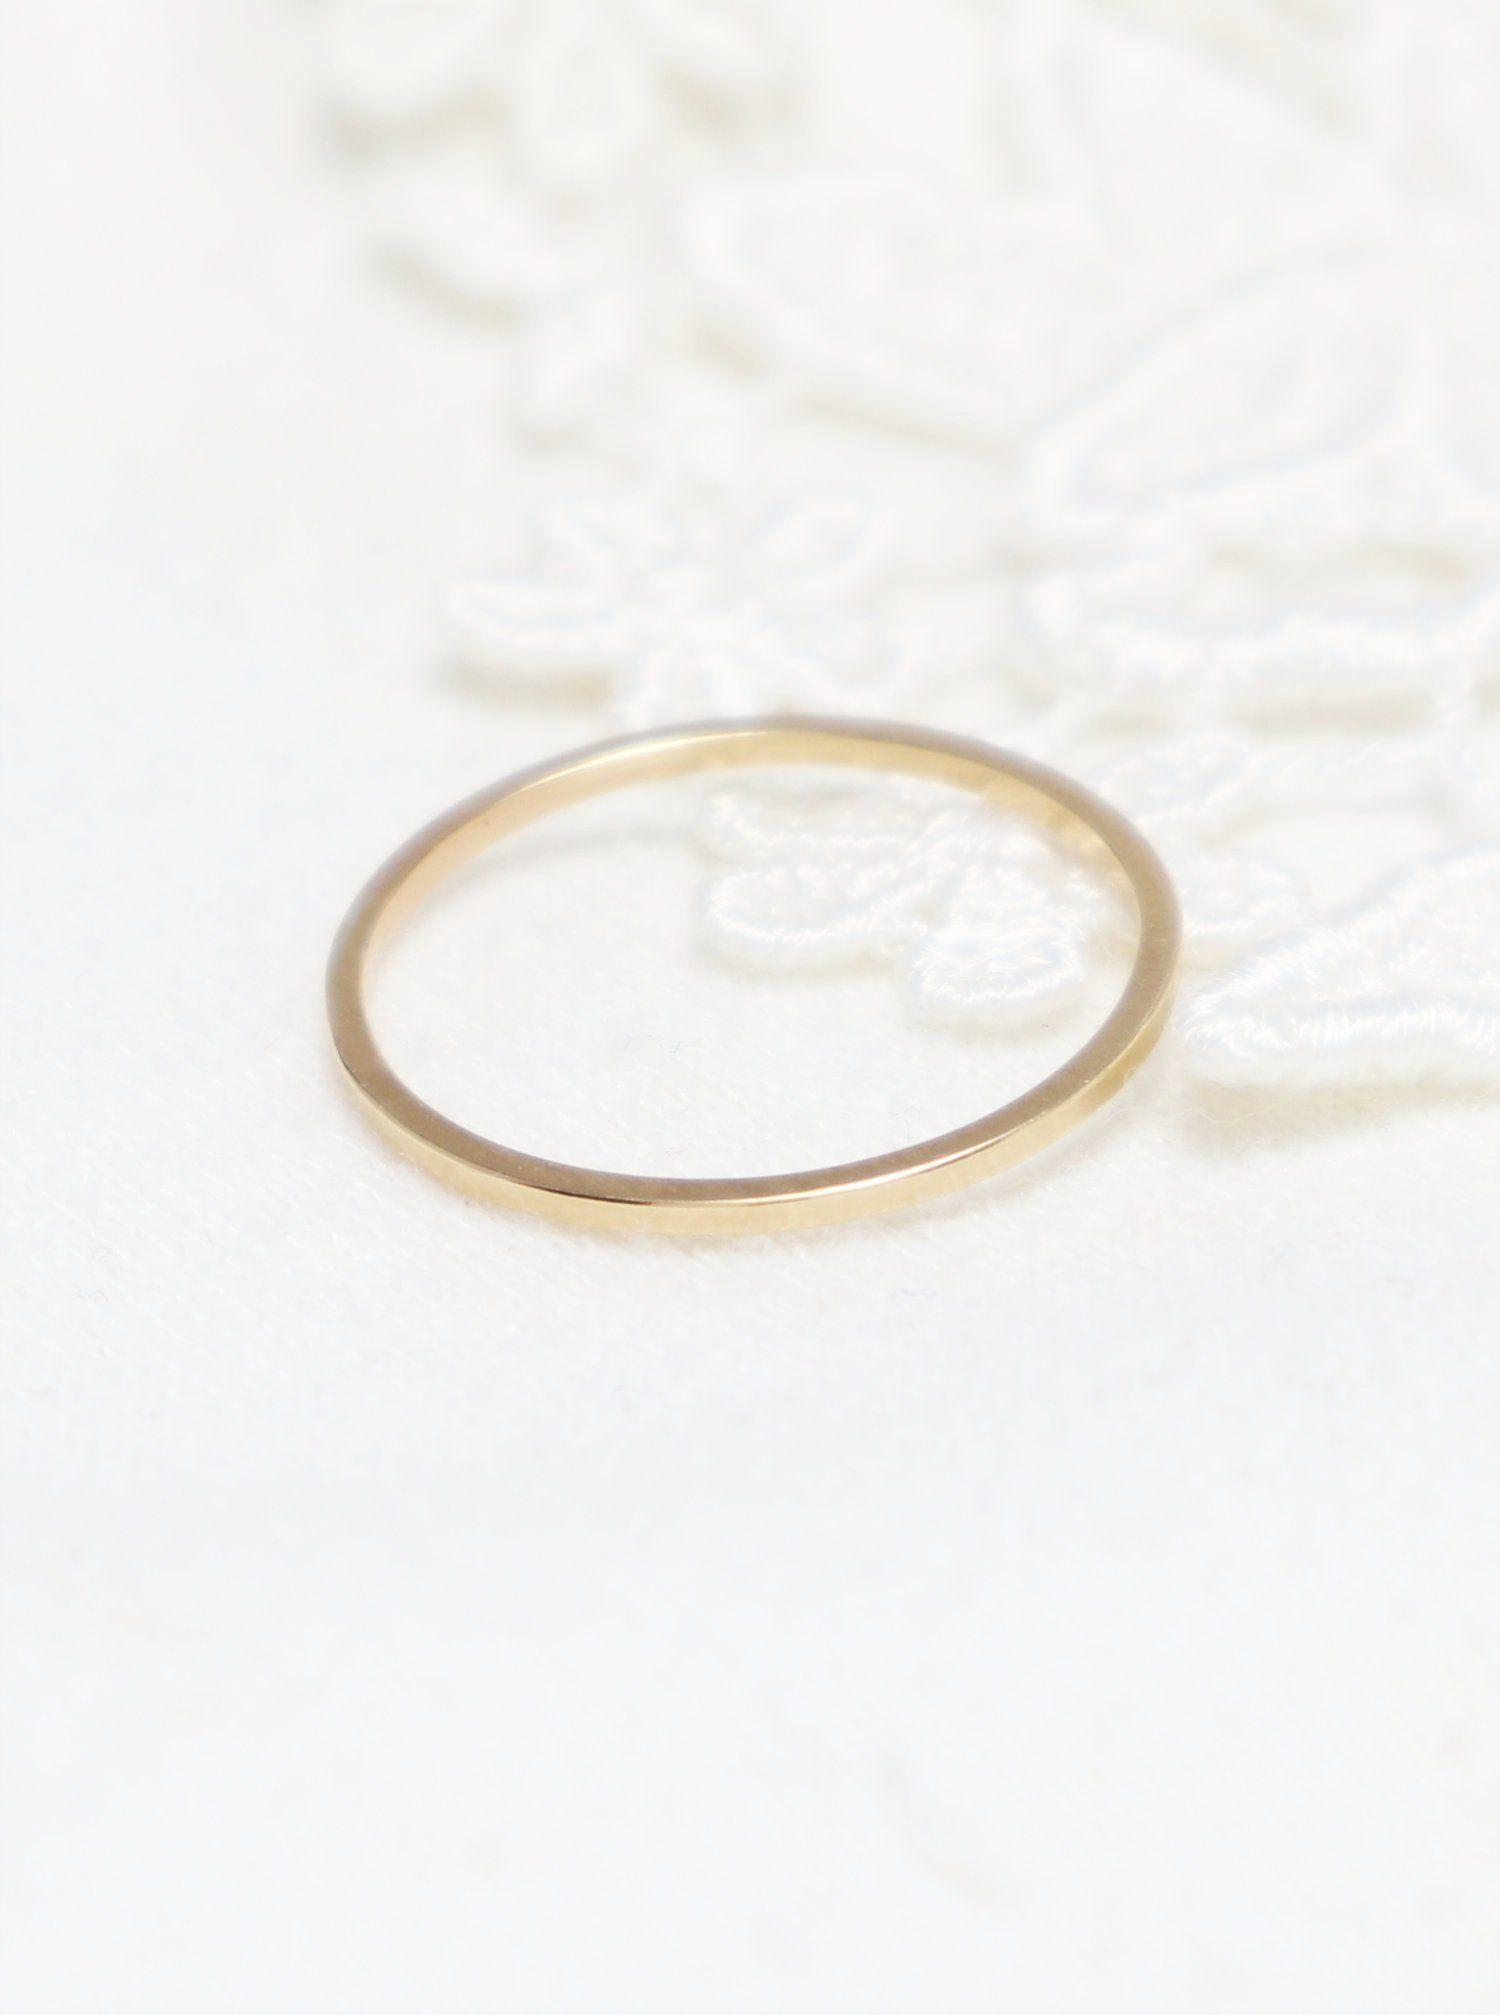 e8e7e09df20ba Super Thin Gold Square Ring, Gold Rings For Women, Thumb Ring ...